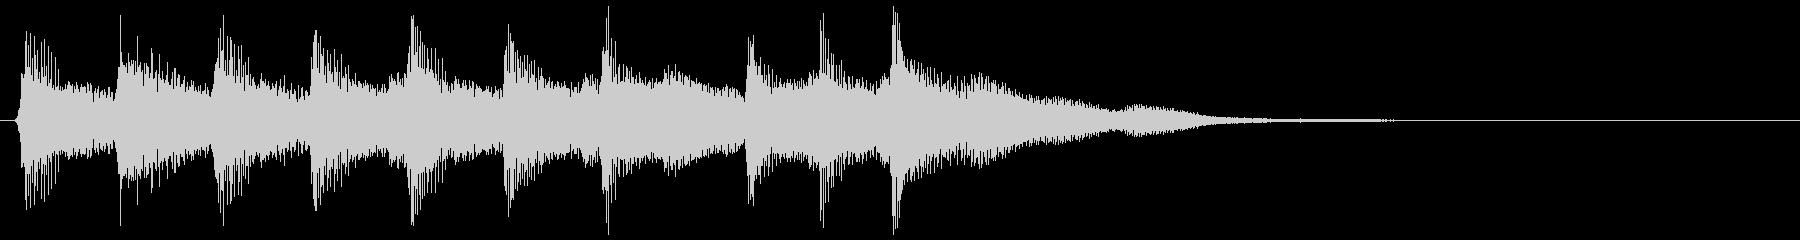 ピコピコ音のファンファーレ 勝利 クリアの未再生の波形